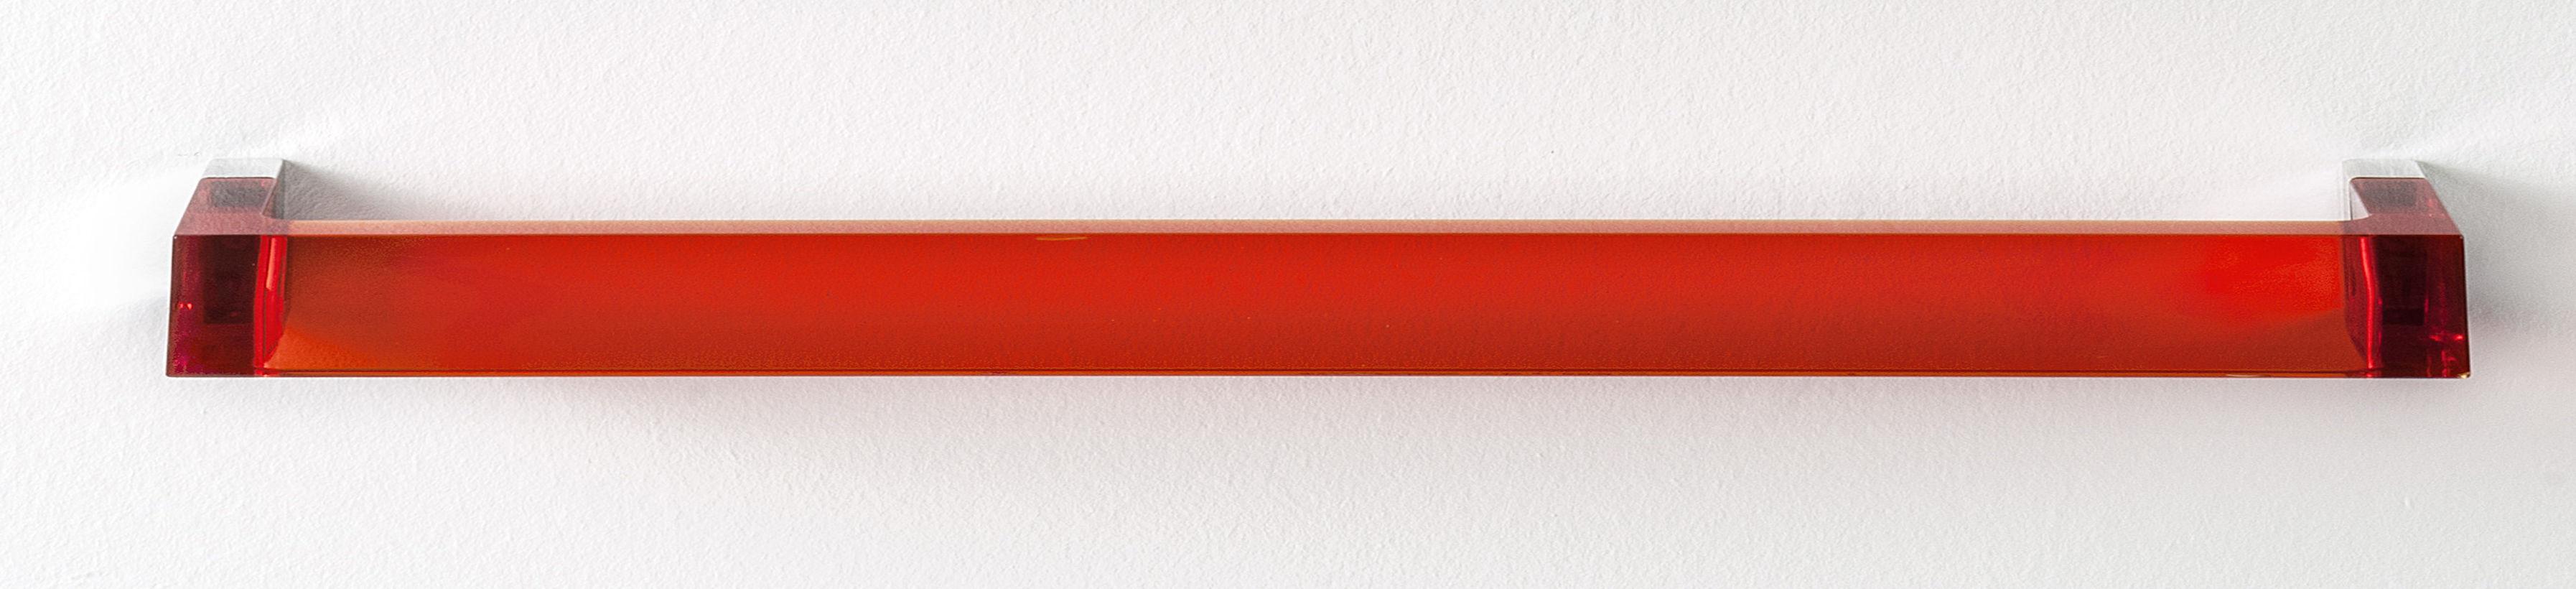 Accessoires - Accessoires für das Bad - Rail Wandtuchhalter / L 60 cm - Kartell - Mandarin-Orange - PMMA